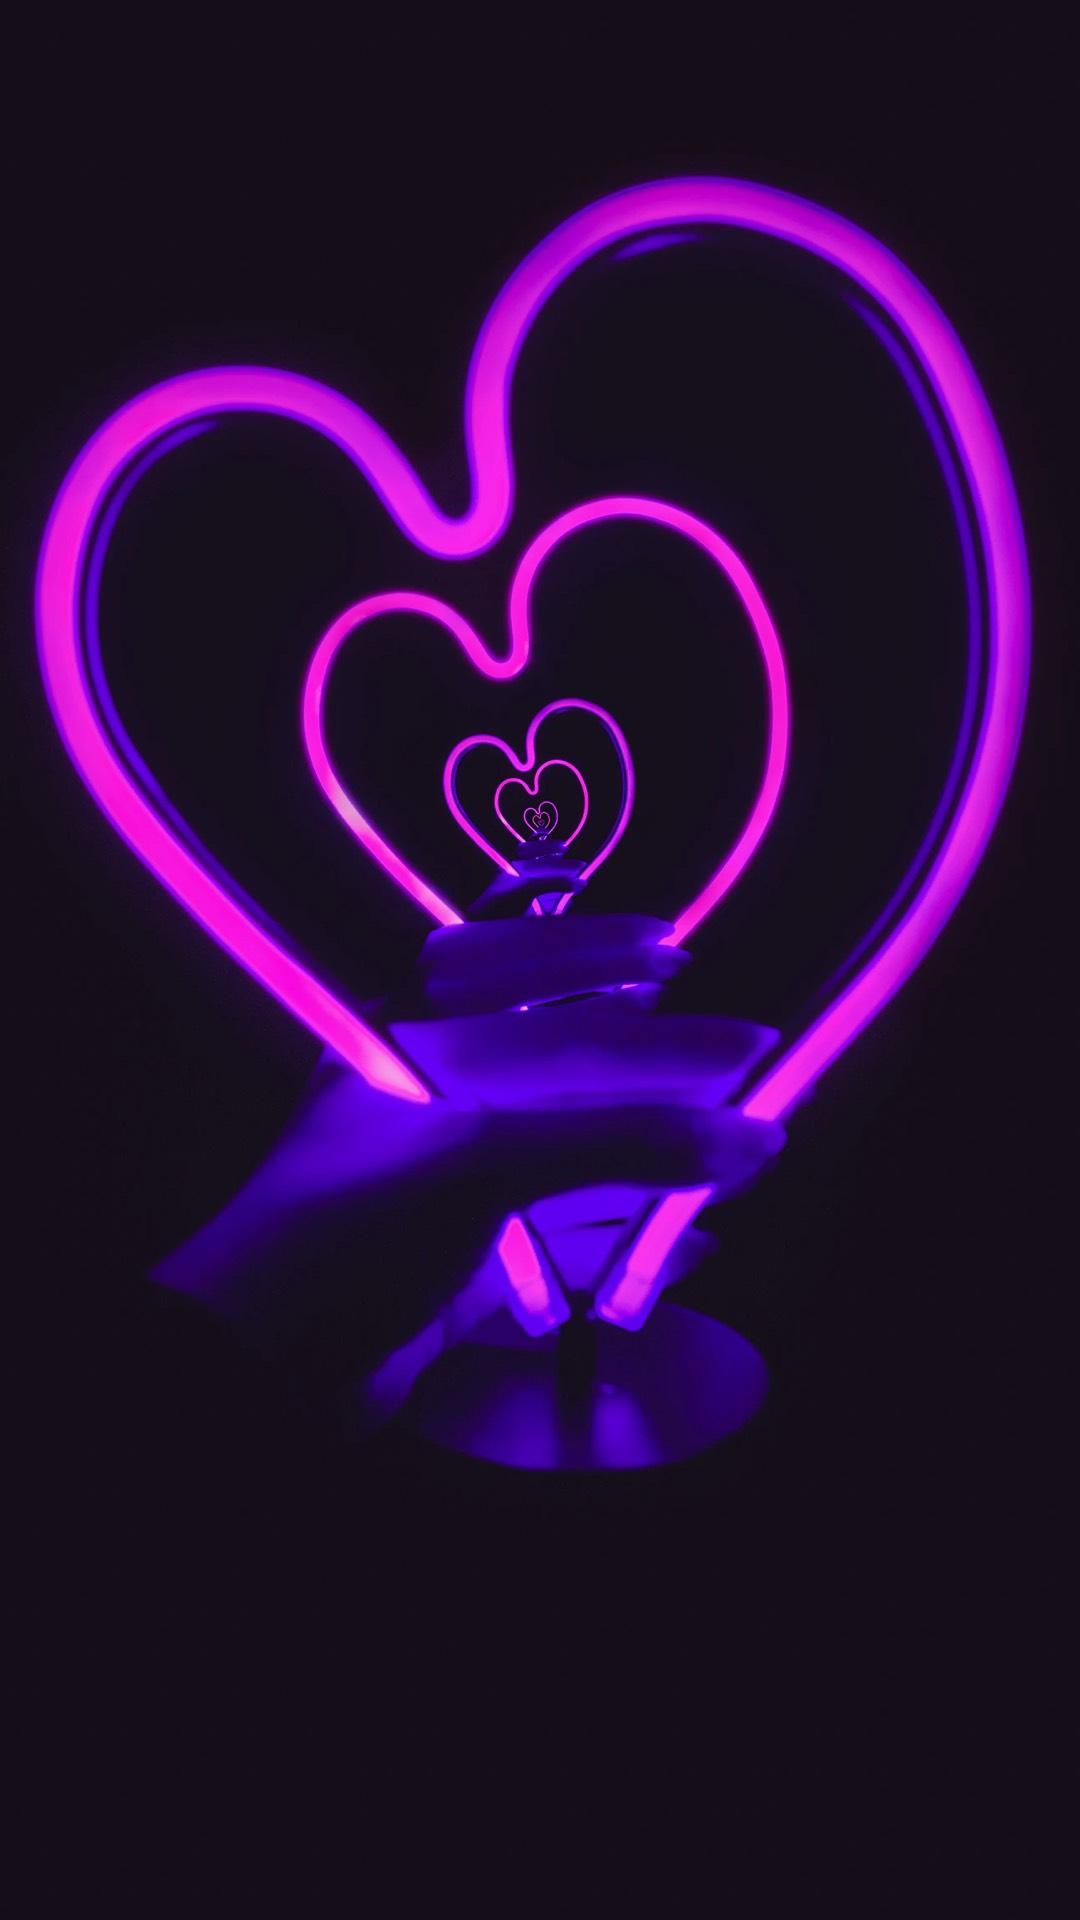 1582844466 406 Wallpaper iPhone Hari Valentine Terbaik di 2020 Some Love For